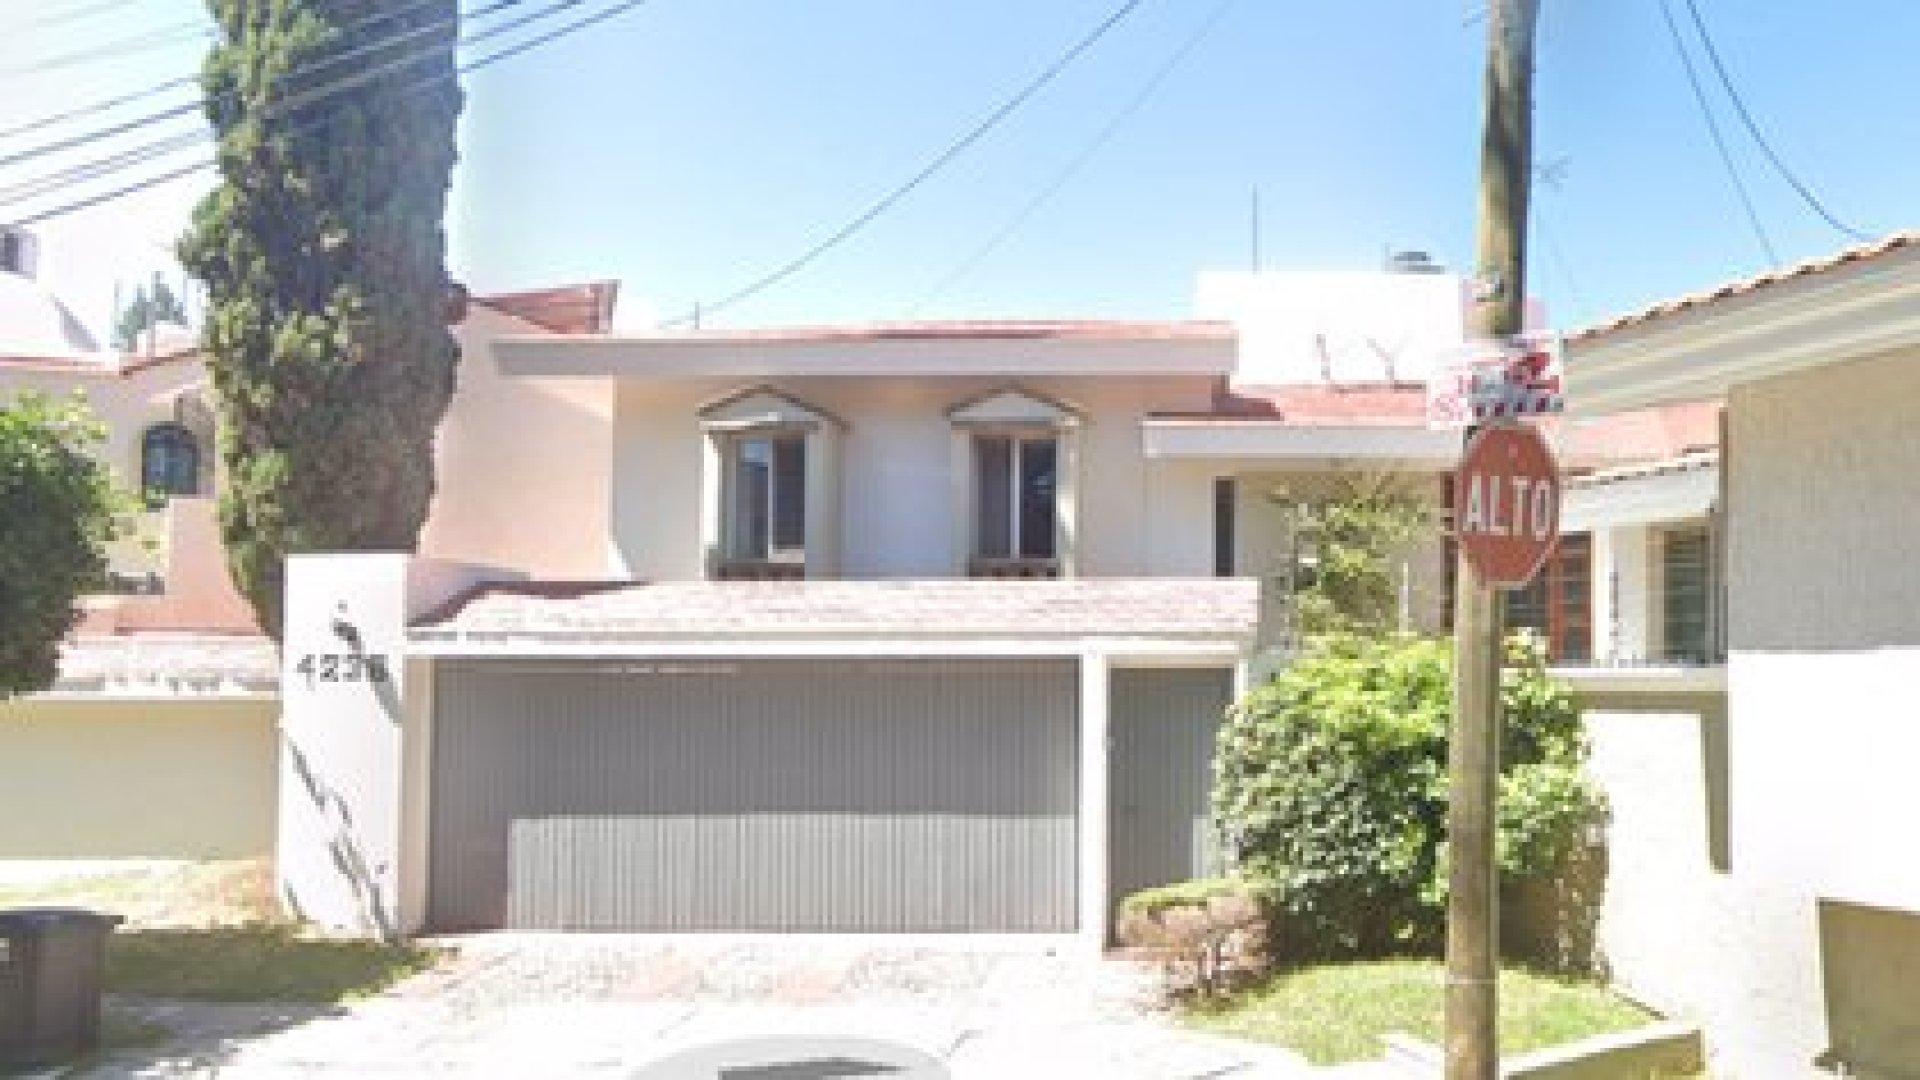 Una de las casas decomisadas por el gobierno de EEUU a Caro Quintero (Foto: Google Maps)